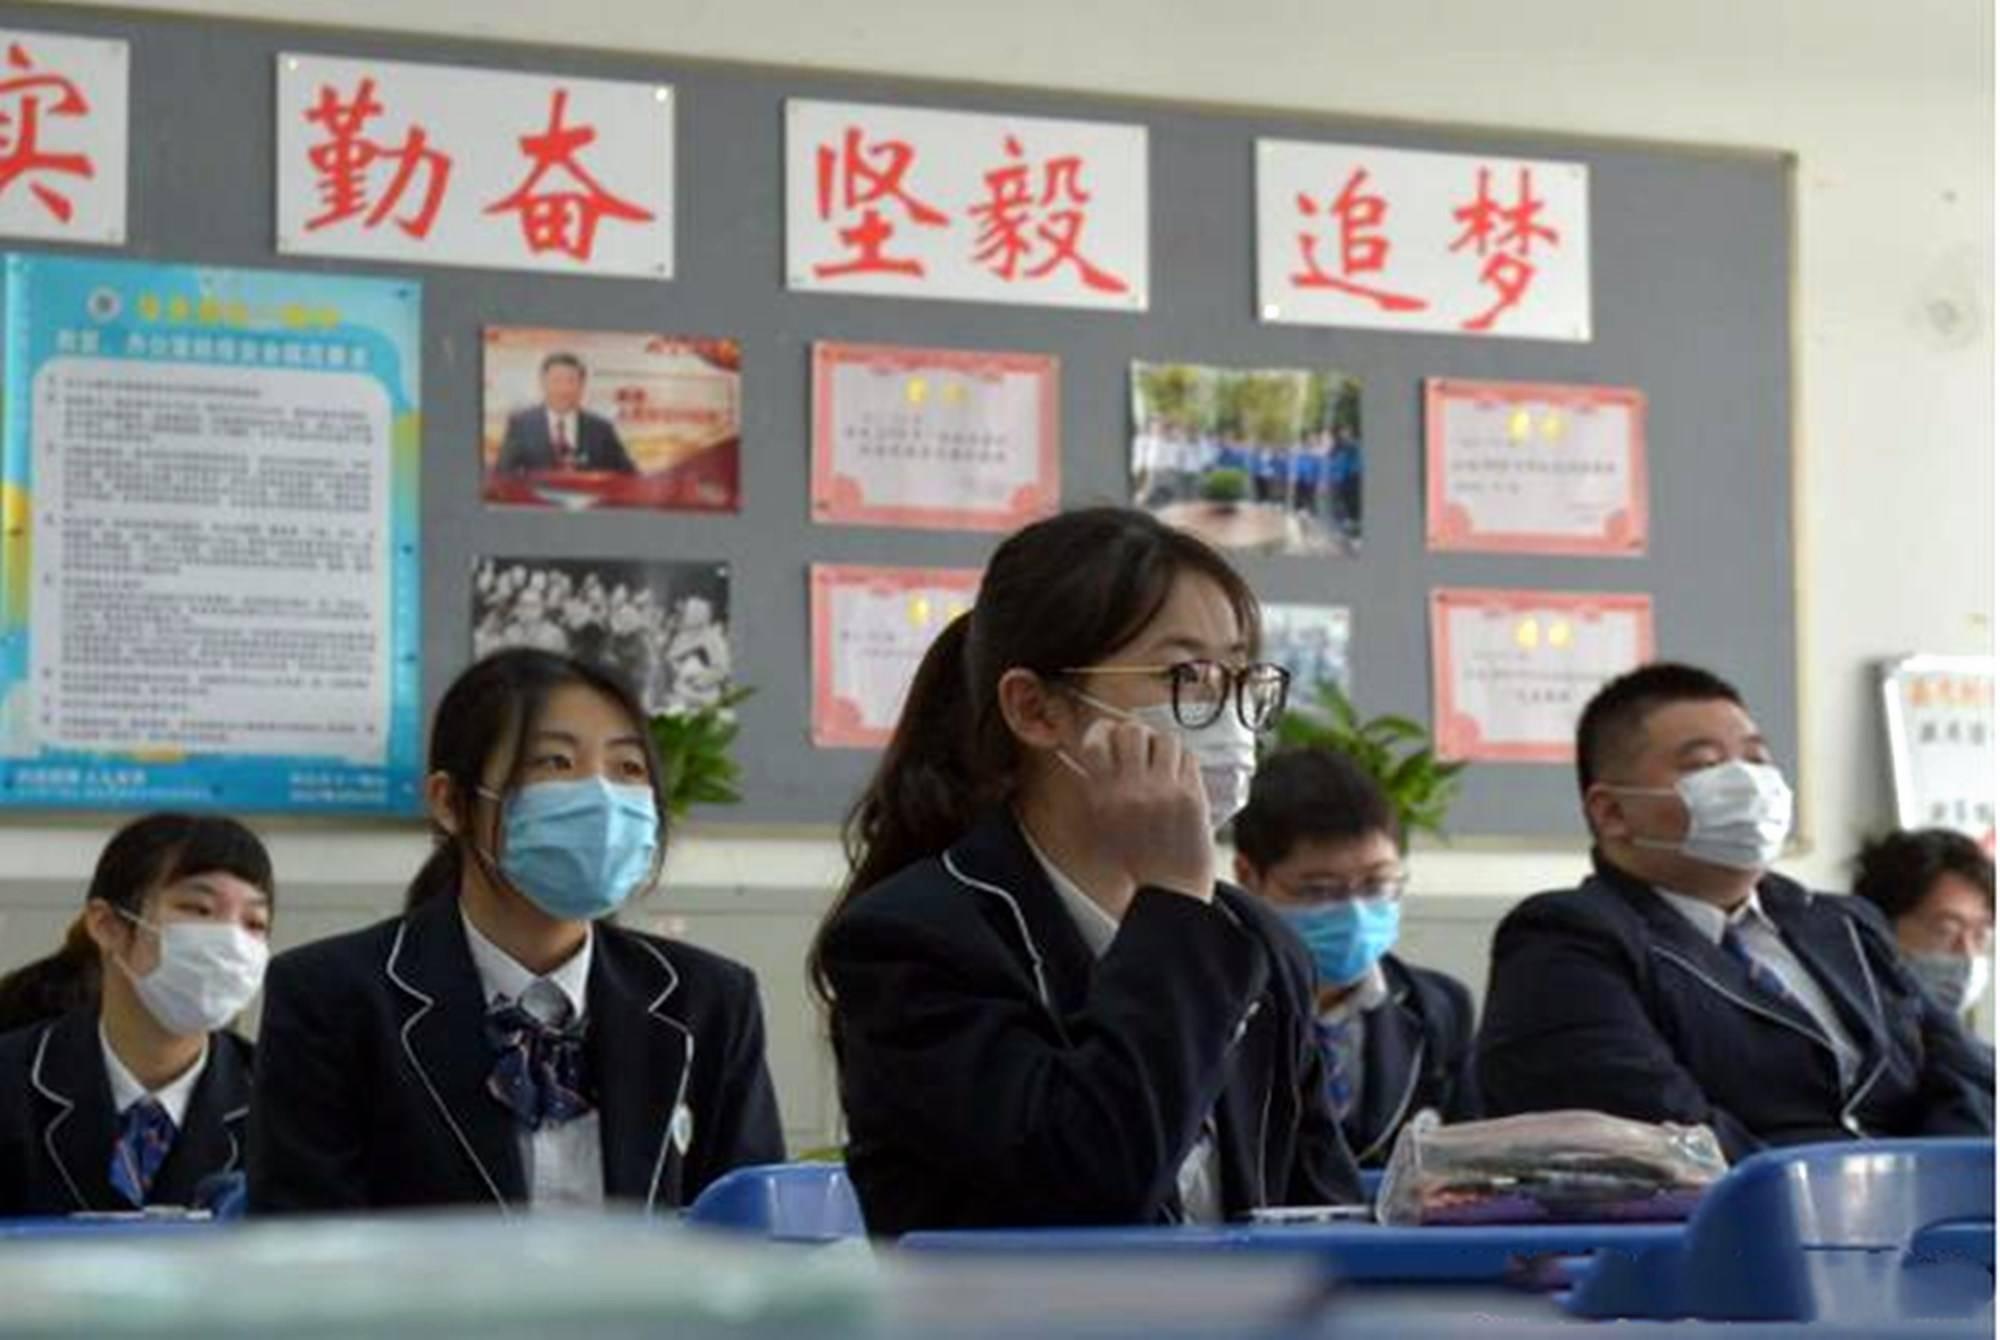 """中小学学制迎来""""新变化"""":小学5年,高中2年,家长却都坐不住了"""